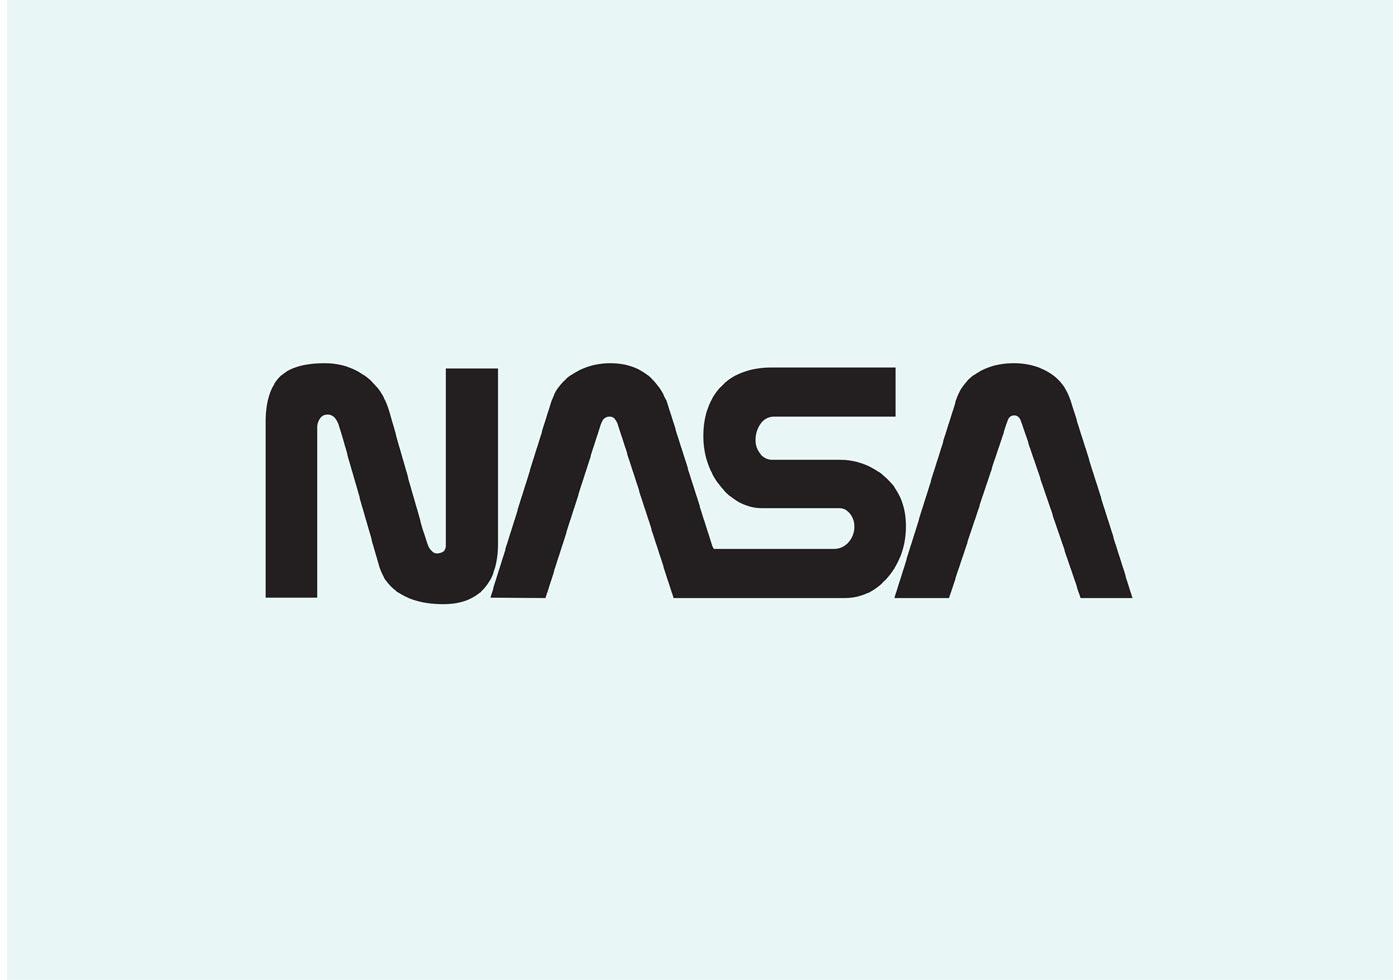 nasa apollo logo vector - photo #34